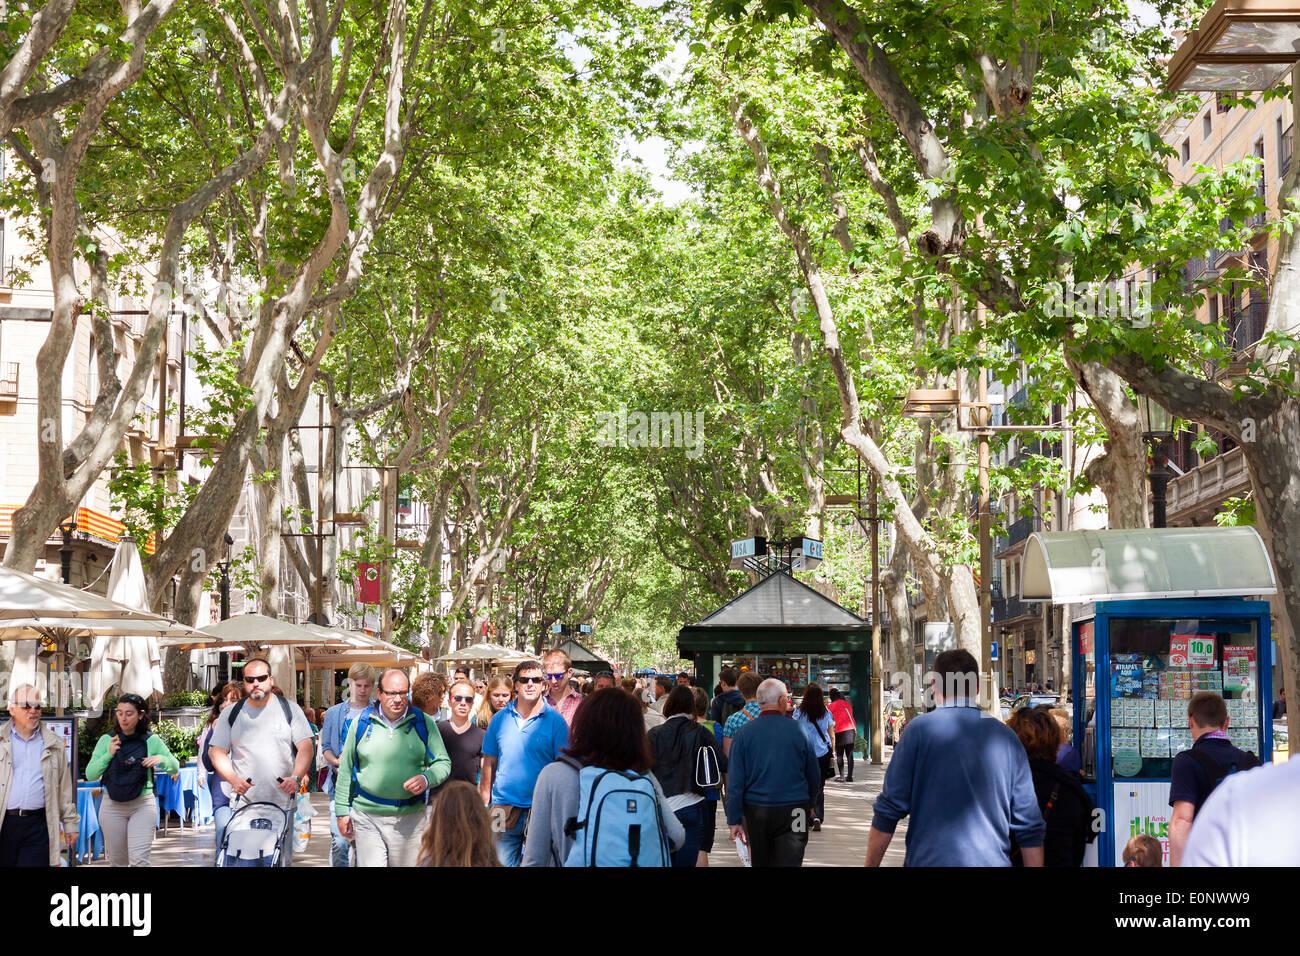 La Rambla di Barcellona, Spagna. Immagini Stock